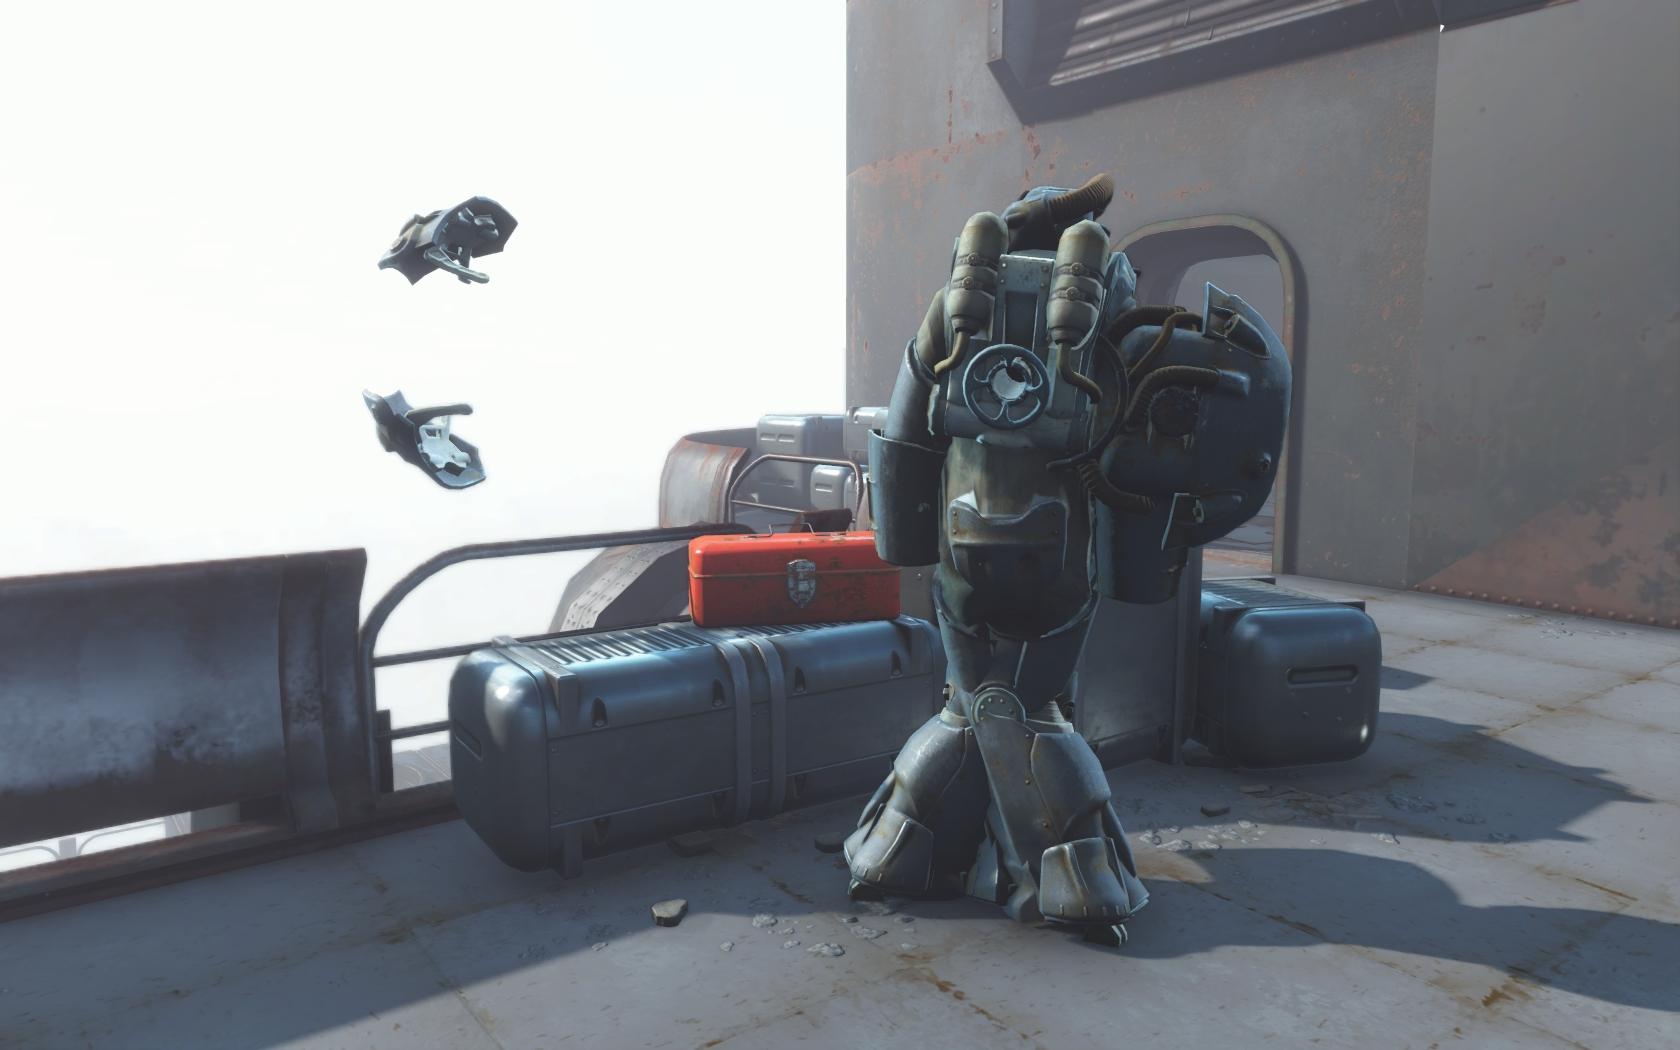 Хэнкок разваливается (крыша Масс фьюжн) - Fallout 4 Баг, броня, Силовая броня, Хэнкок, Юмор